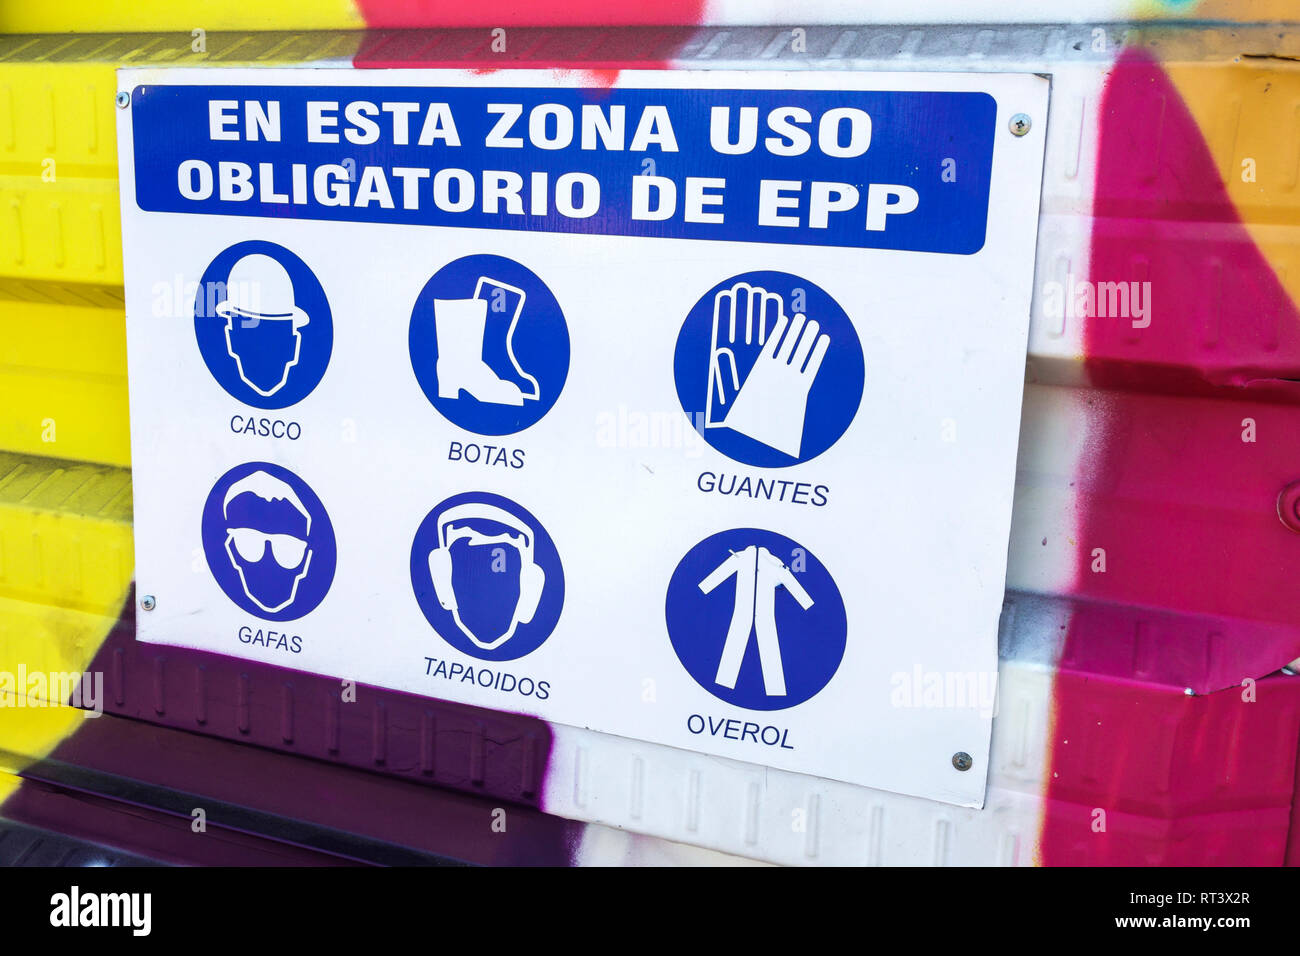 Cartagena Colombia el centro de la ciudad amurallada vieja Centro Español Sitio en construcción trabajar pautas de seguridad requisitos sombrero duro botas gl Imagen De Stock